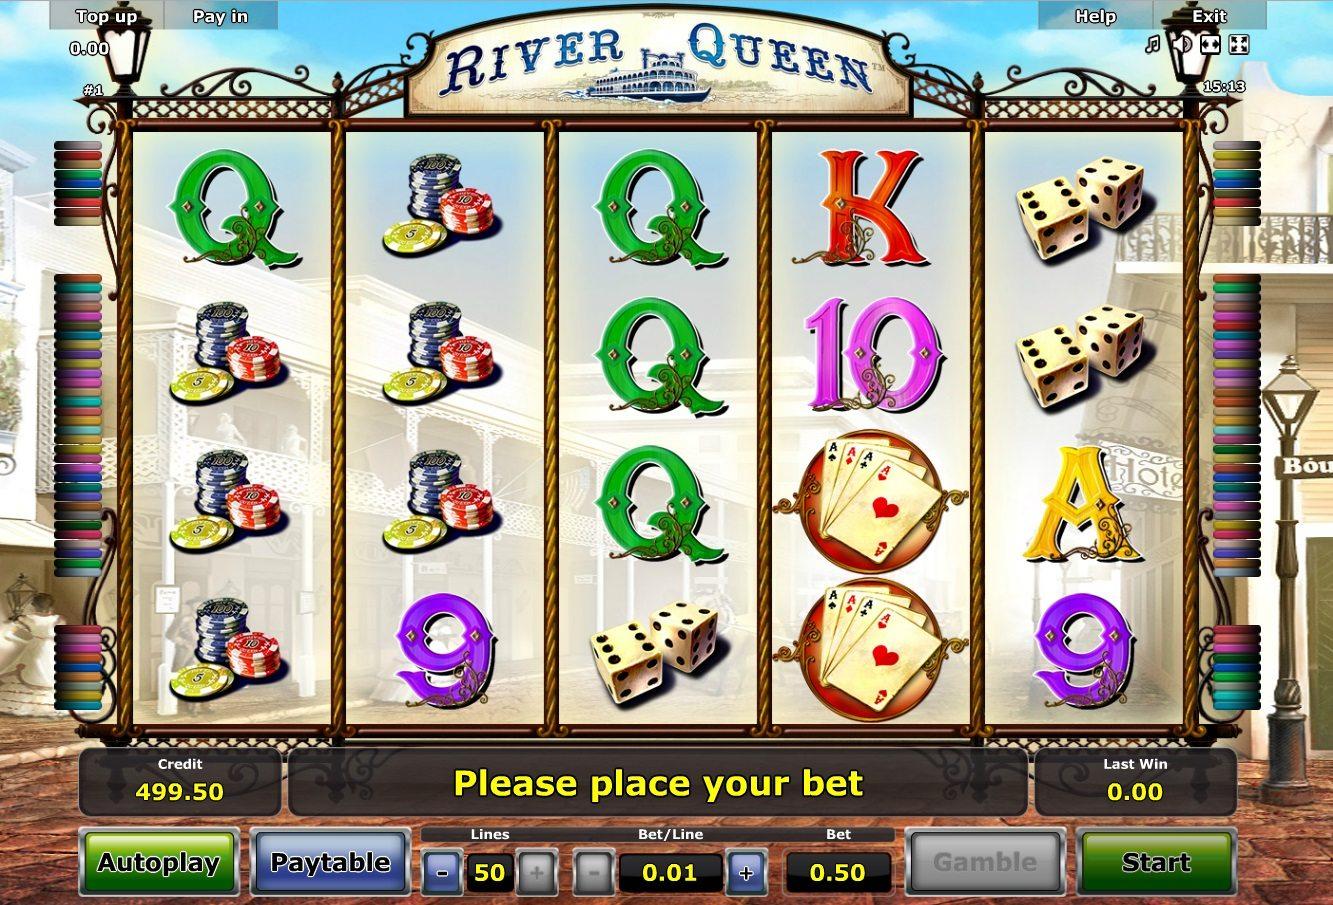 Игра от Новоматик River queen. Фото